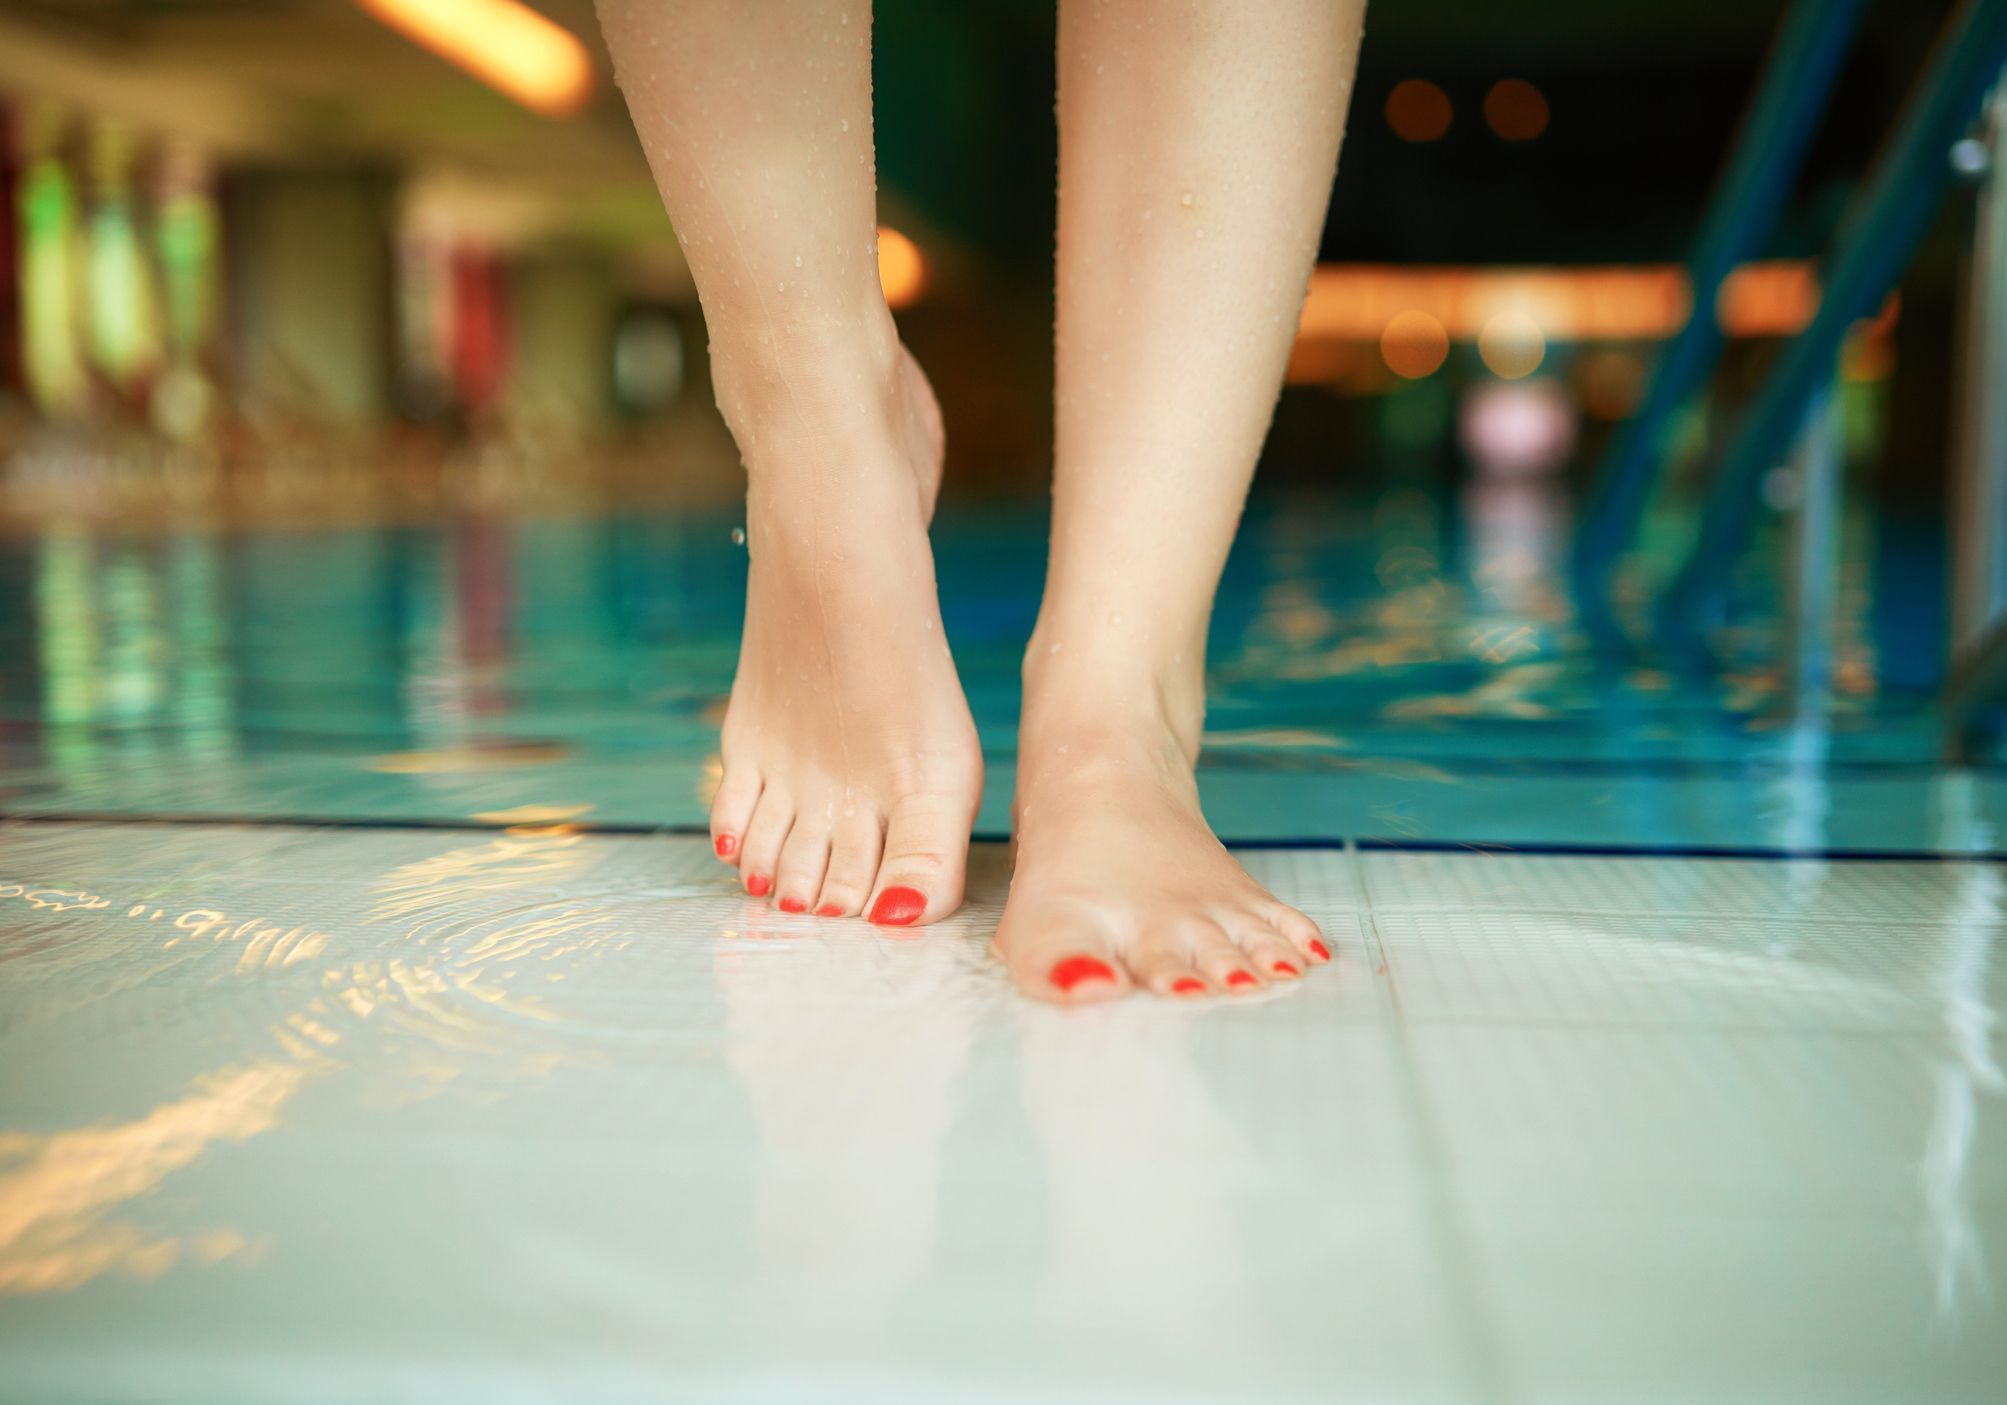 Jugée trop sexy, une jeune femme contrainte de couvrir son maillot de bain - Elle